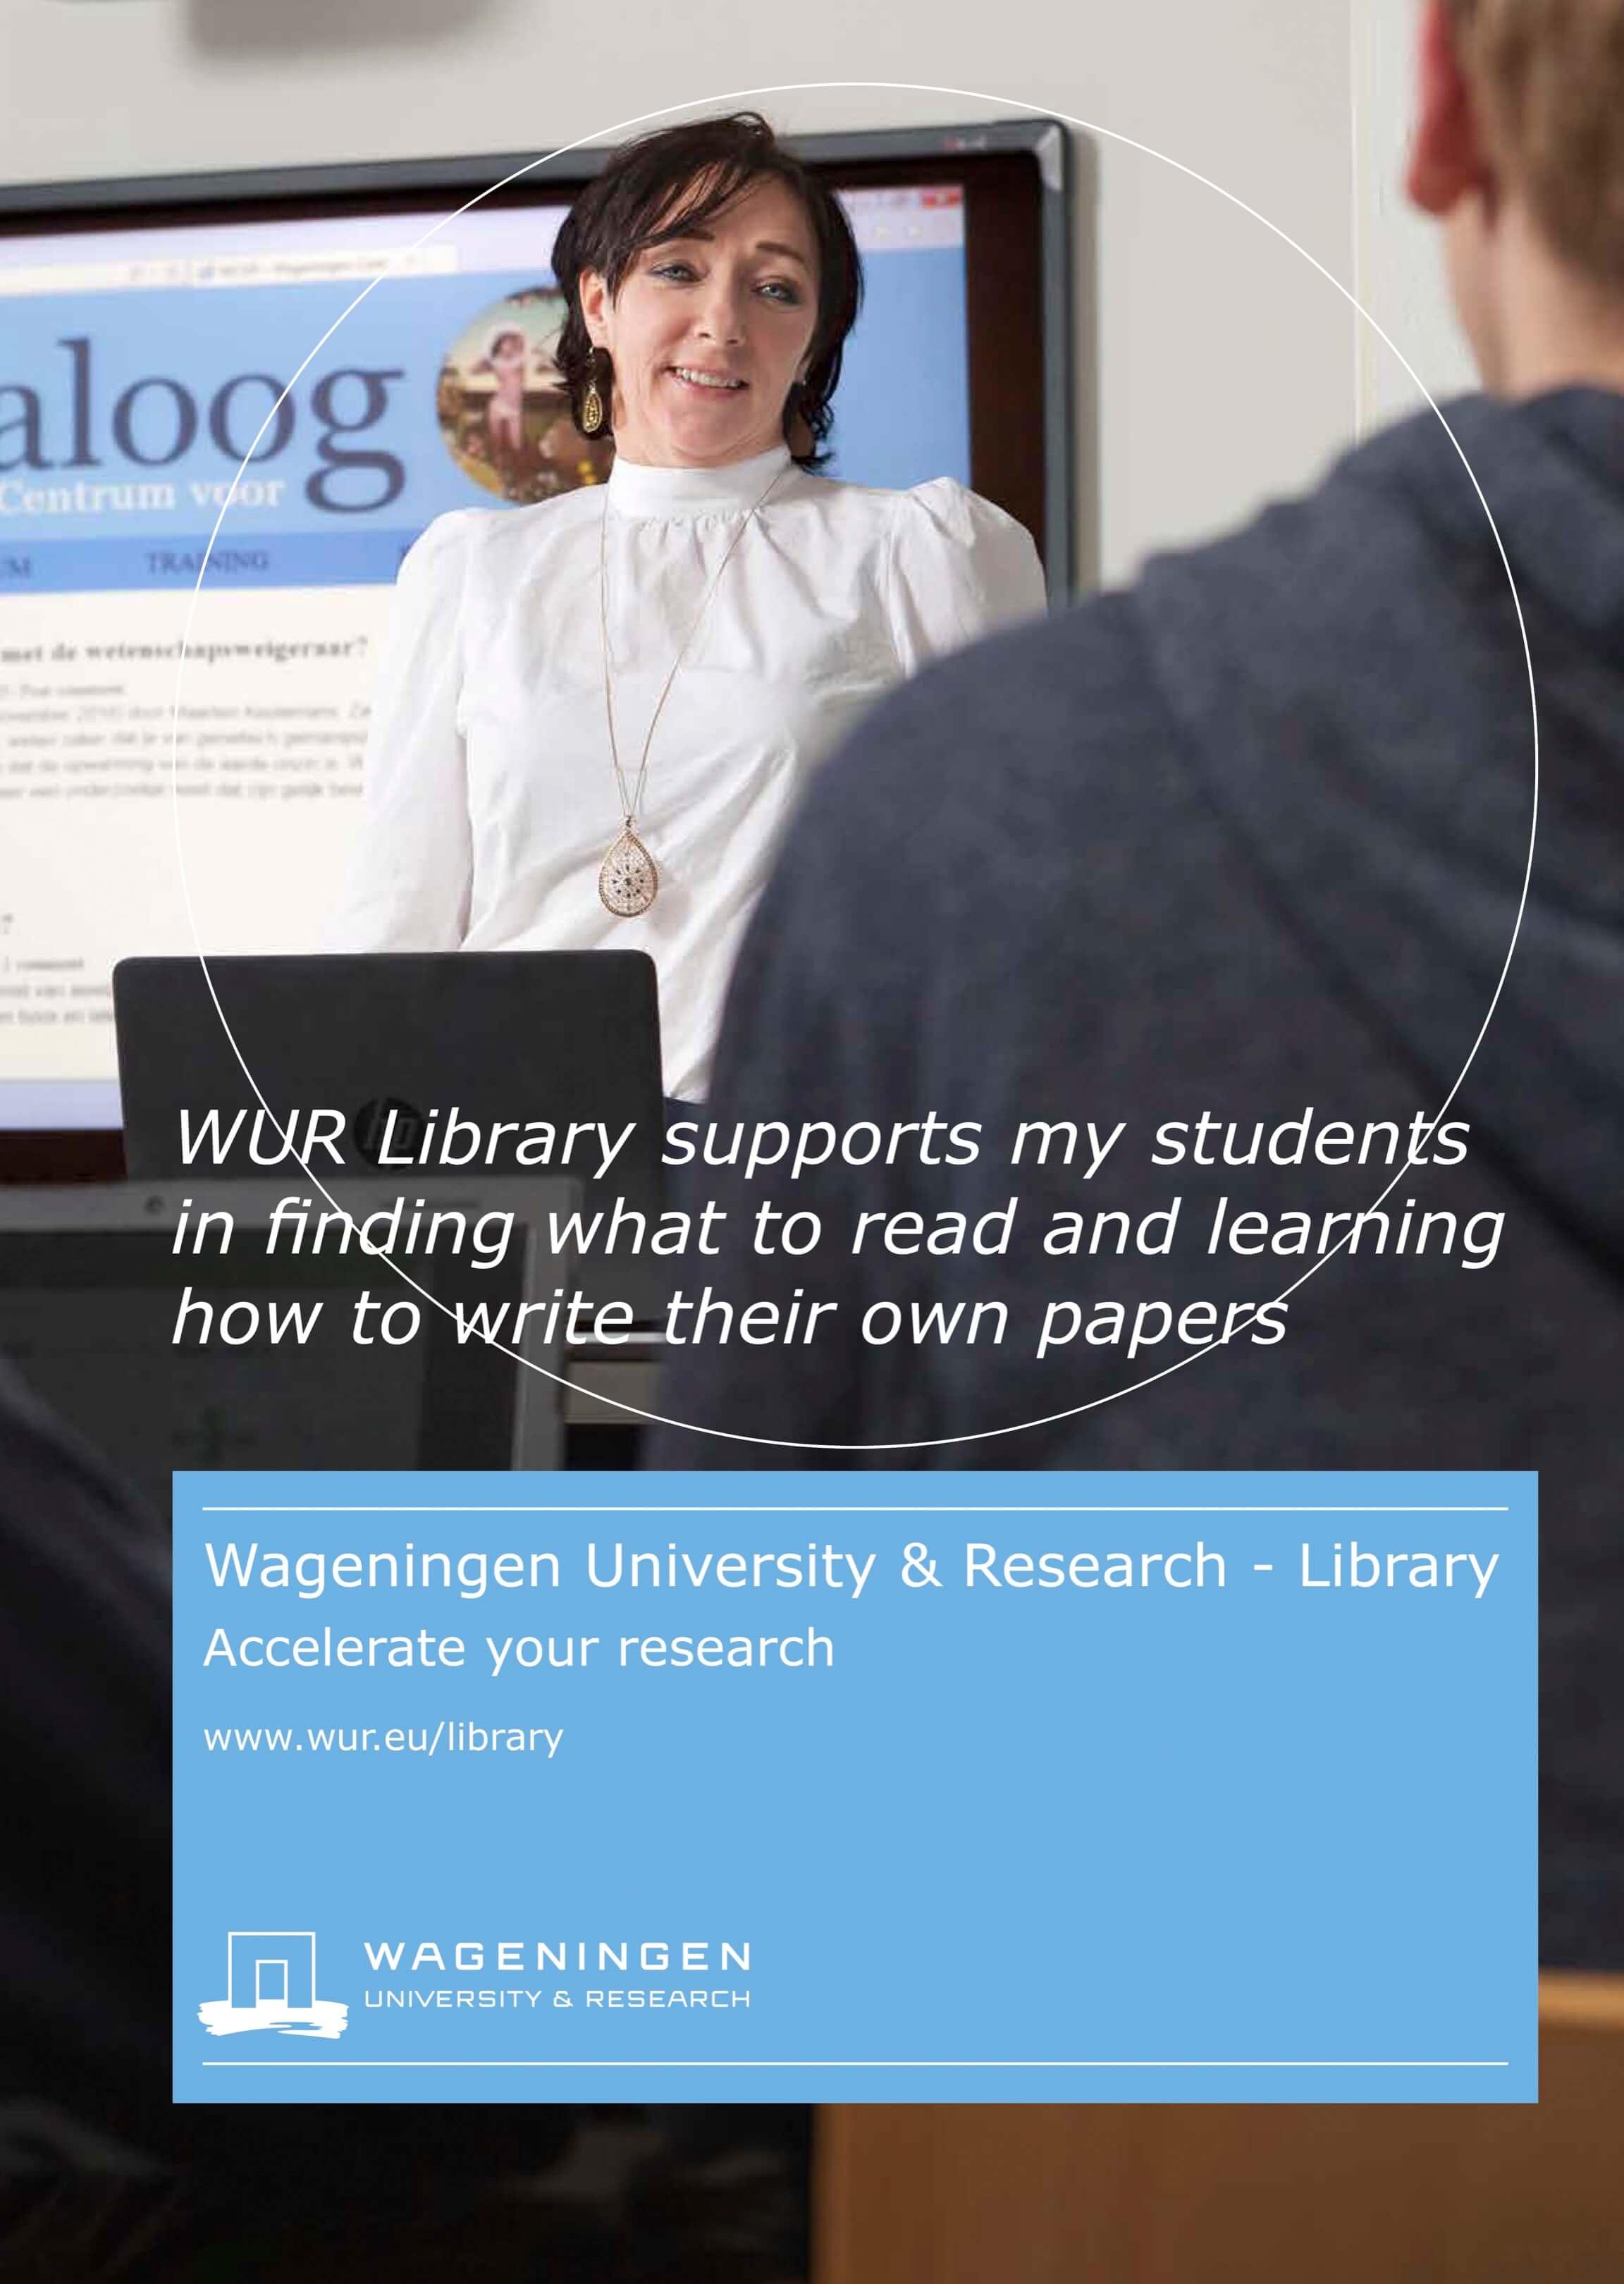 portret professor Noelle Aarts Jurjen Poeles Fotografie campagne beelden Wageningen University & Research Library locatie universiteit bibliotheek testimonial WUR